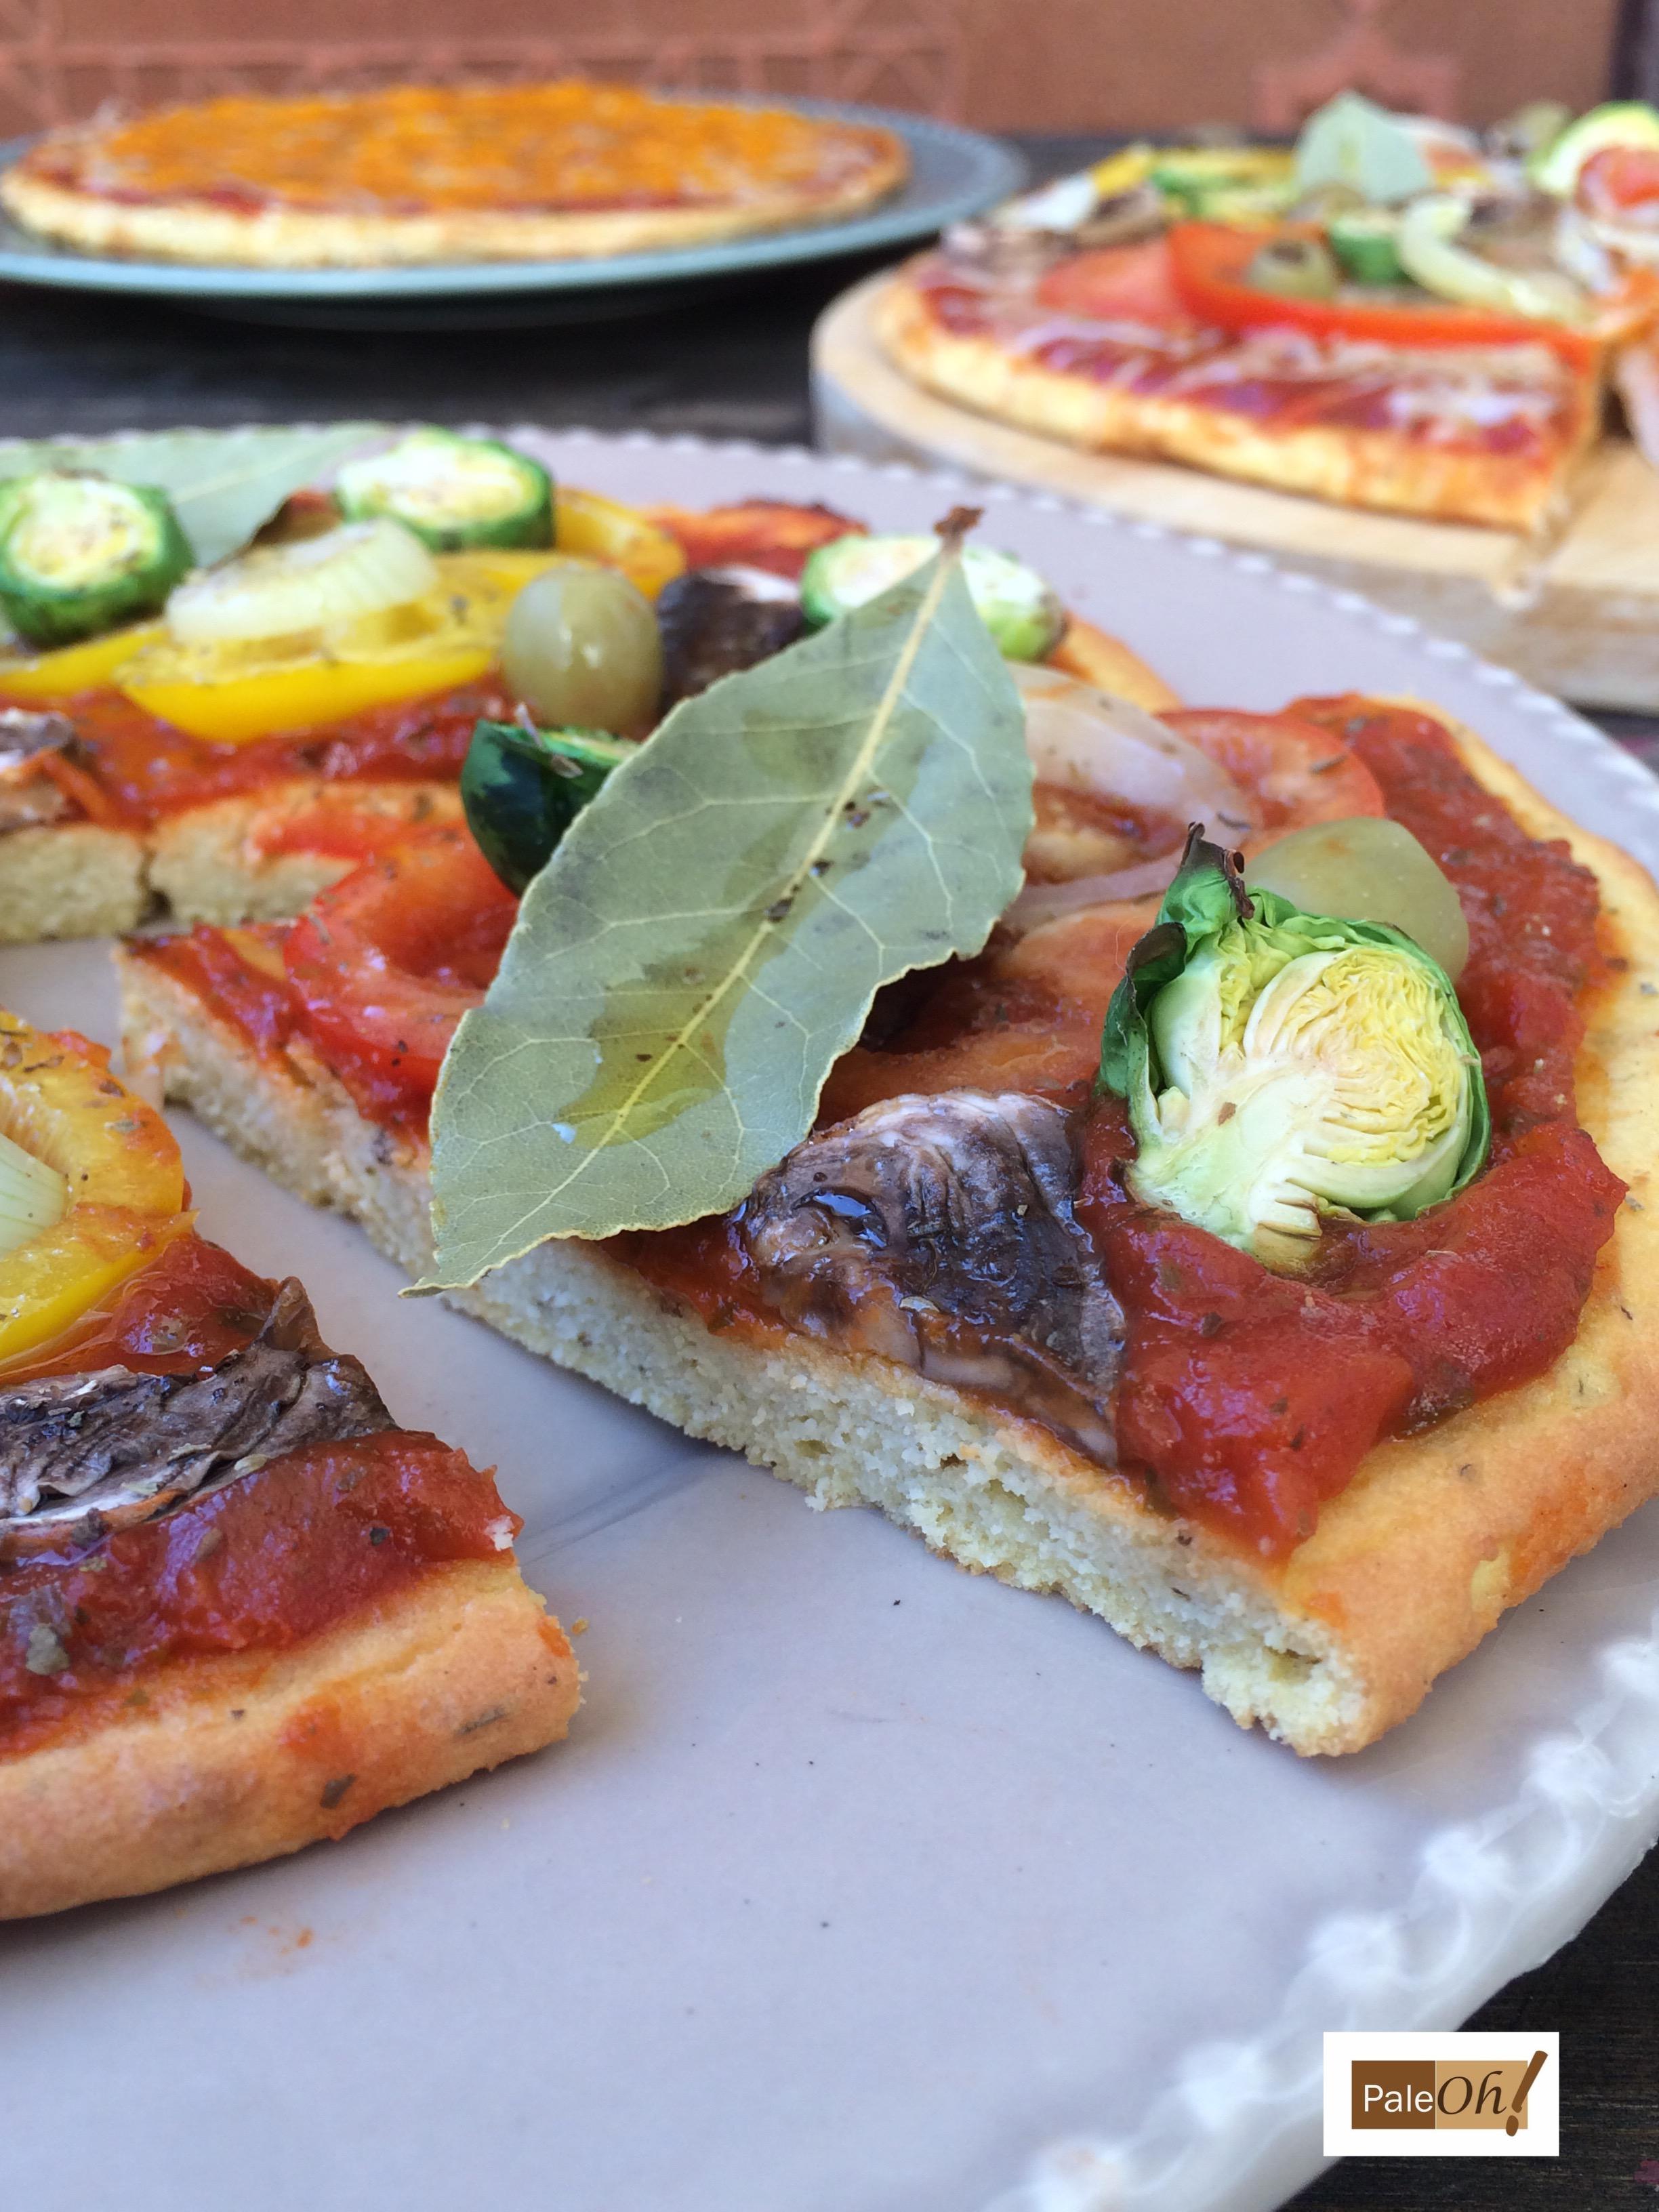 Pate A Pizza Collante #15: ... On Commencera Du0027abord Par Mélanger Les Ingrédients Liquides Et On  Ajoutera Ensuite Les Ingrédients Secs. La Pâte Obtenue Est Très Collante.